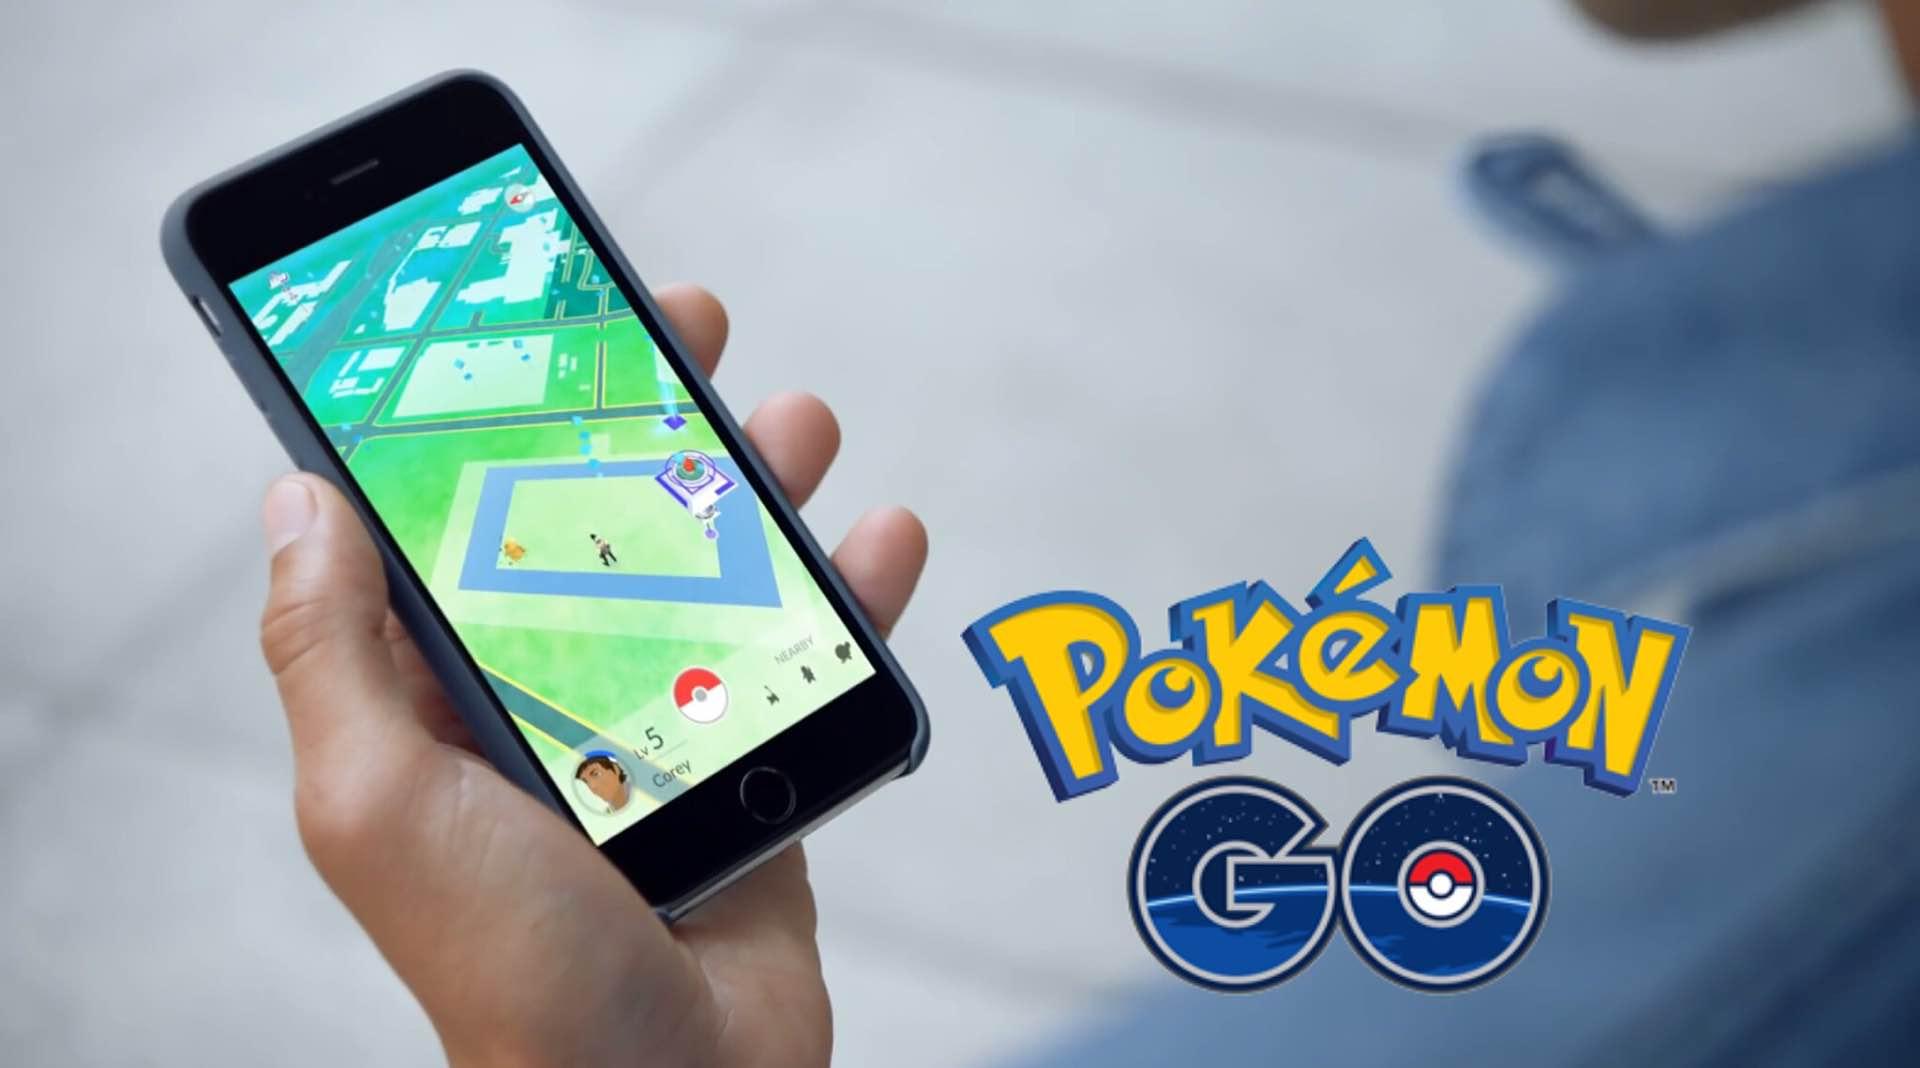 pokemon-go-for-iphone